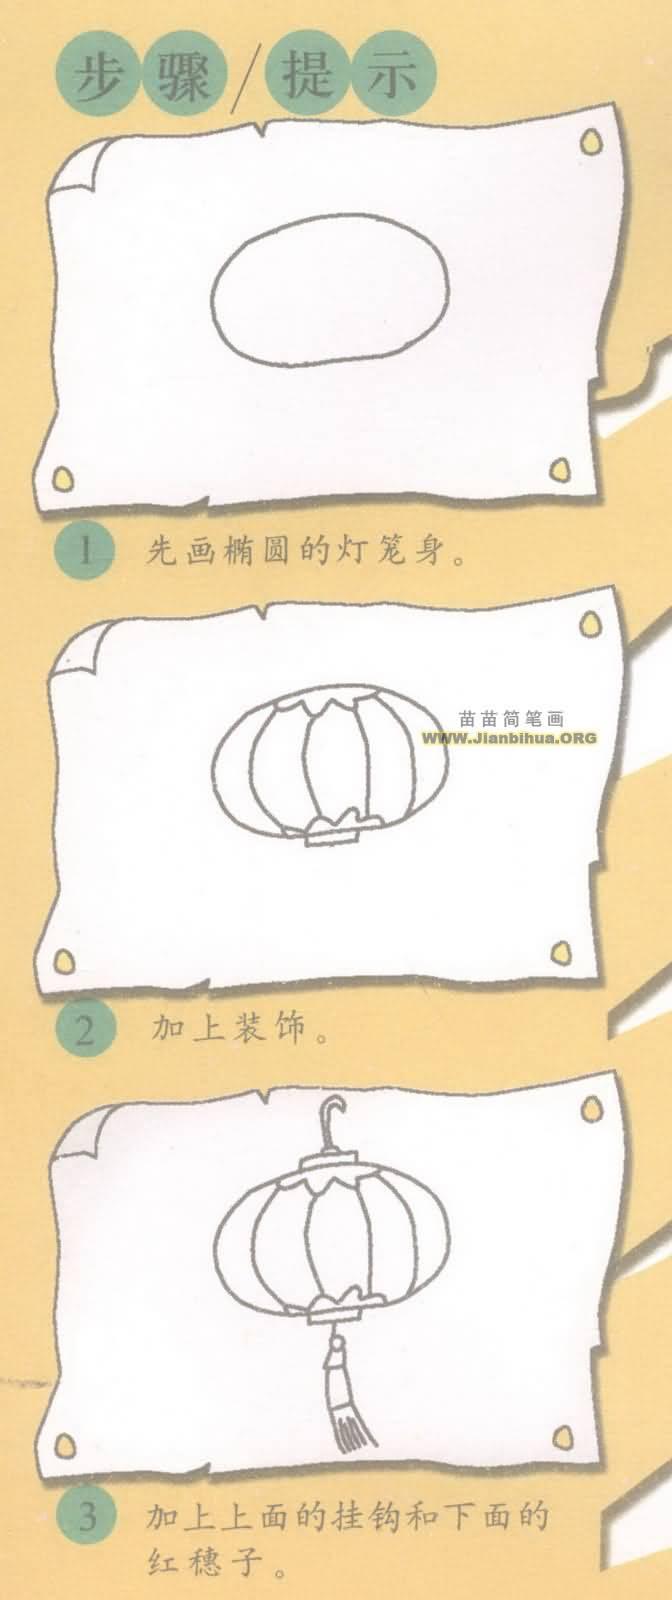 灯笼简笔画教程步骤